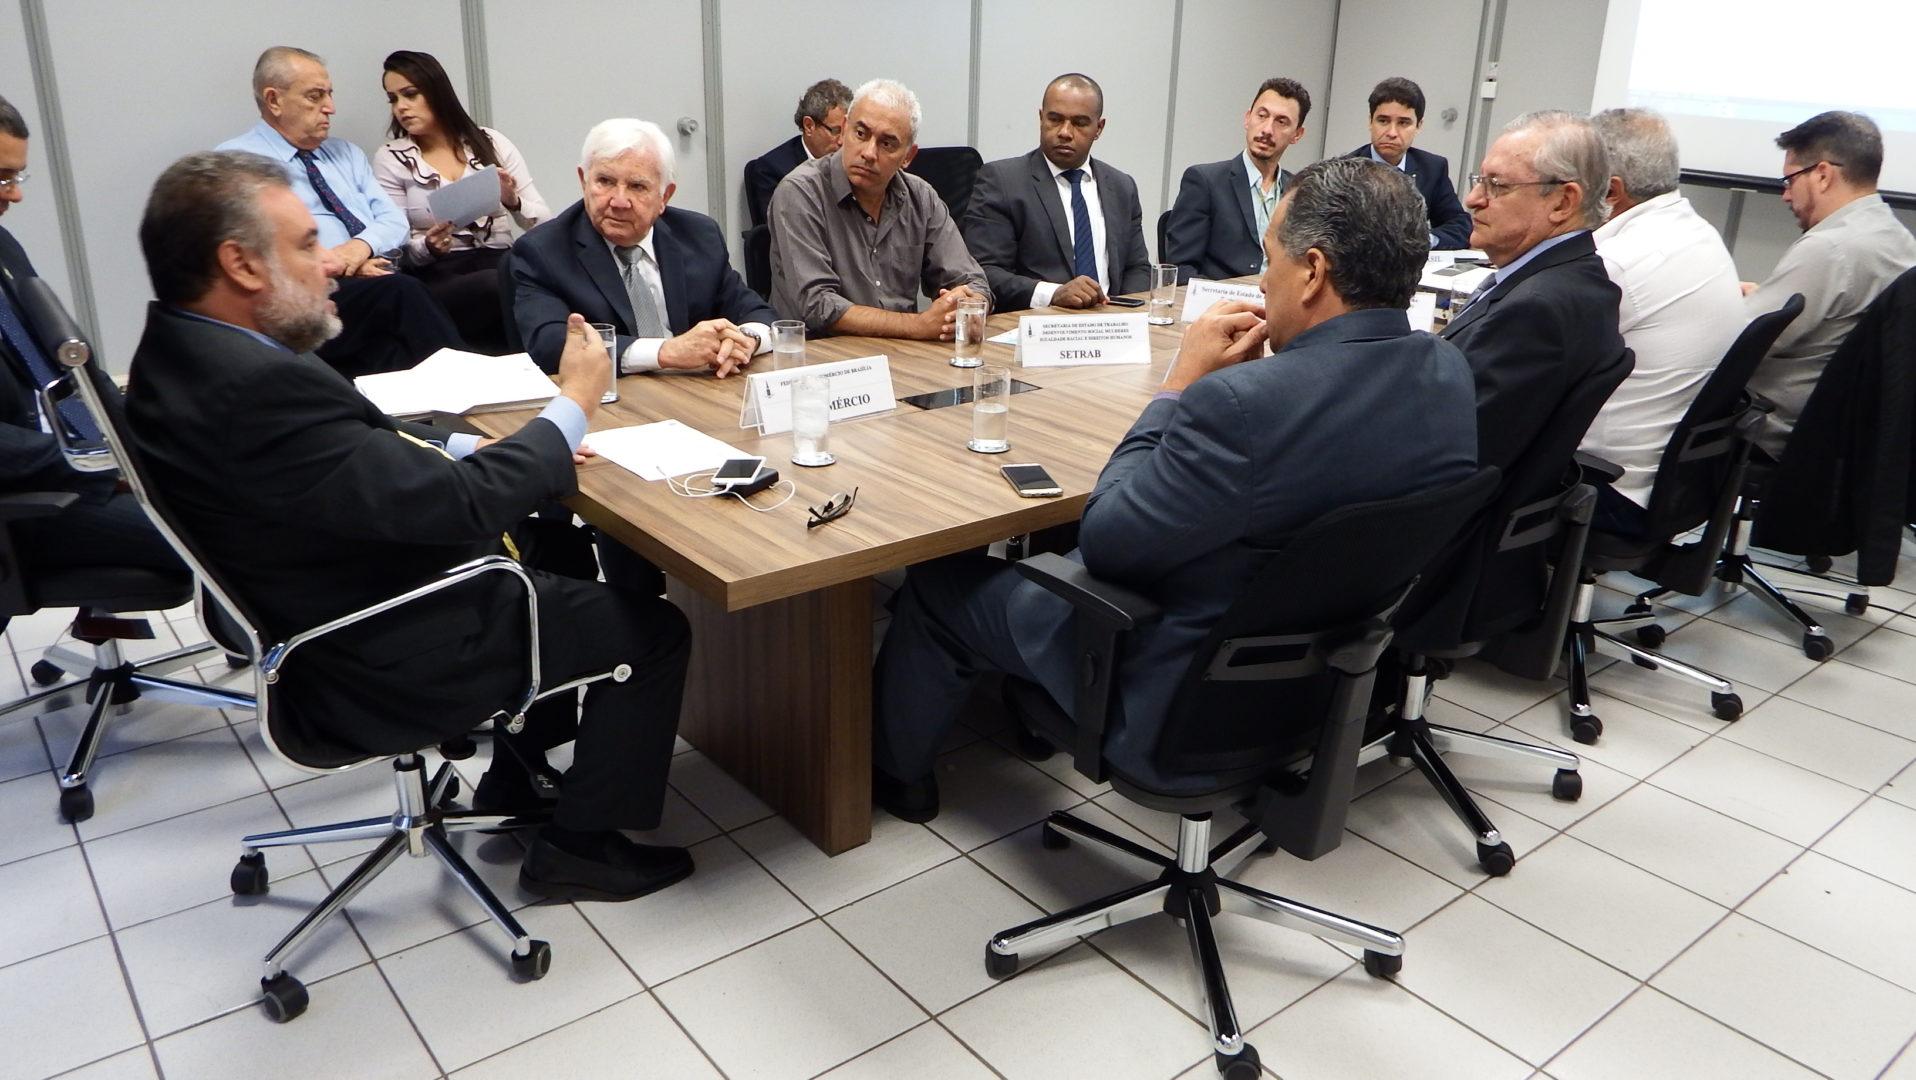 Secretario na pona da mesa reunido com conselhos para a provação de crédito